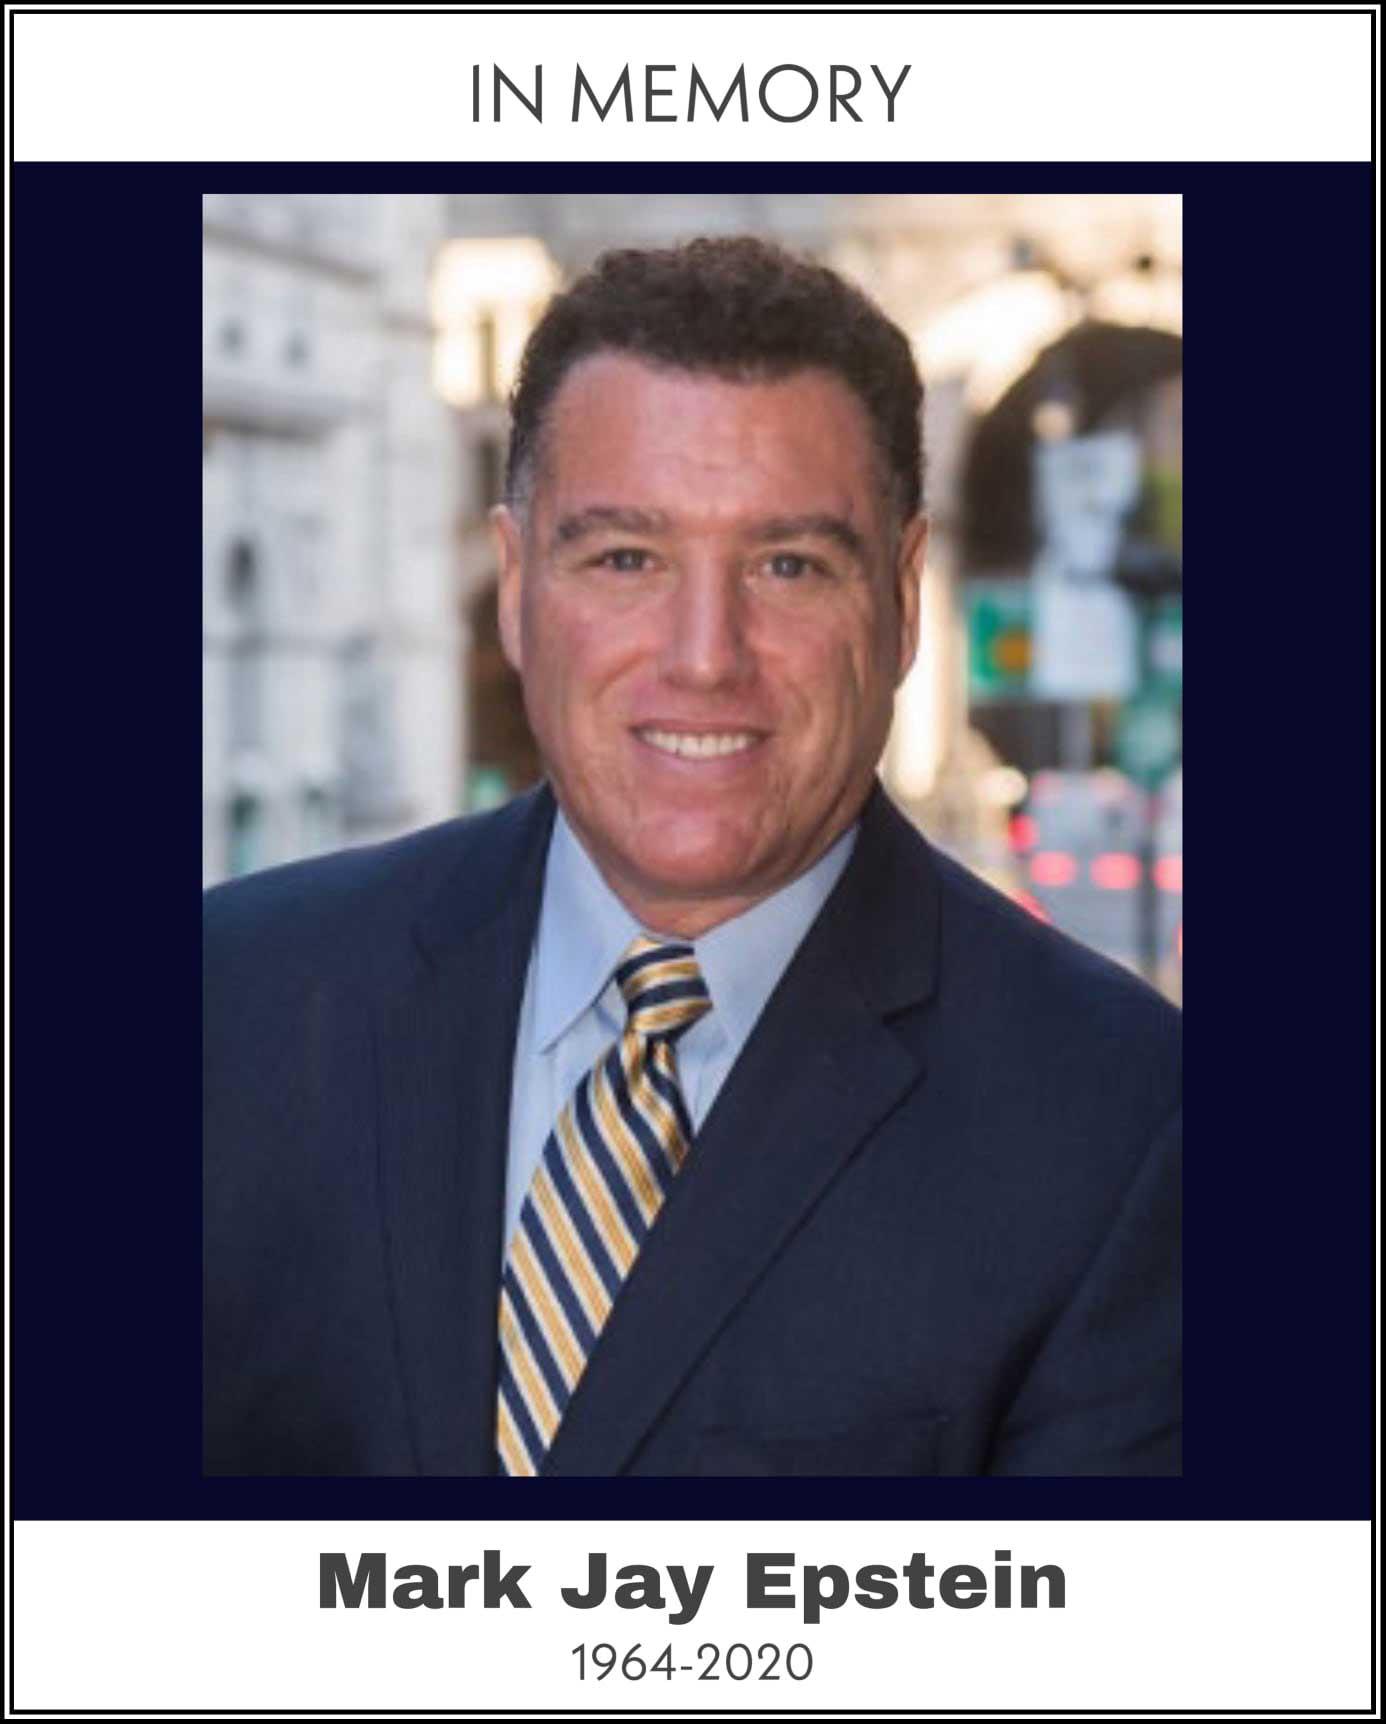 Mark Jay Epstein